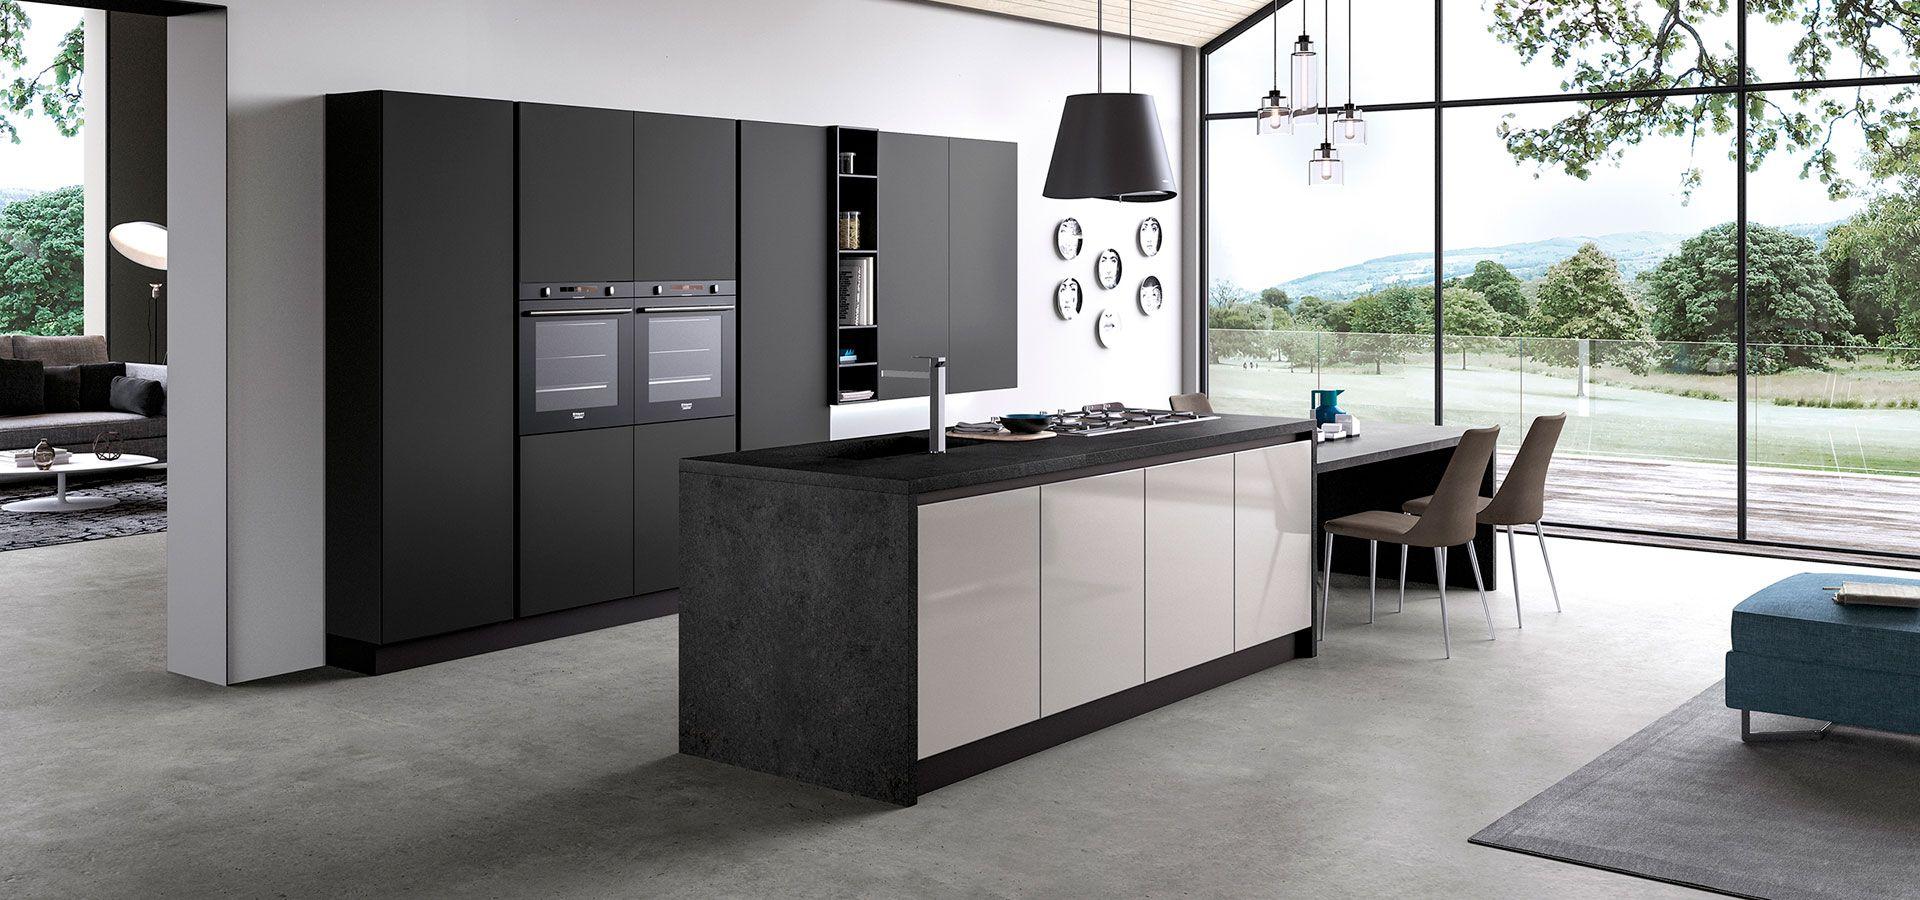 Ante Vetro Cucina cucina moderna design ante in vetro lucido opaco - glass